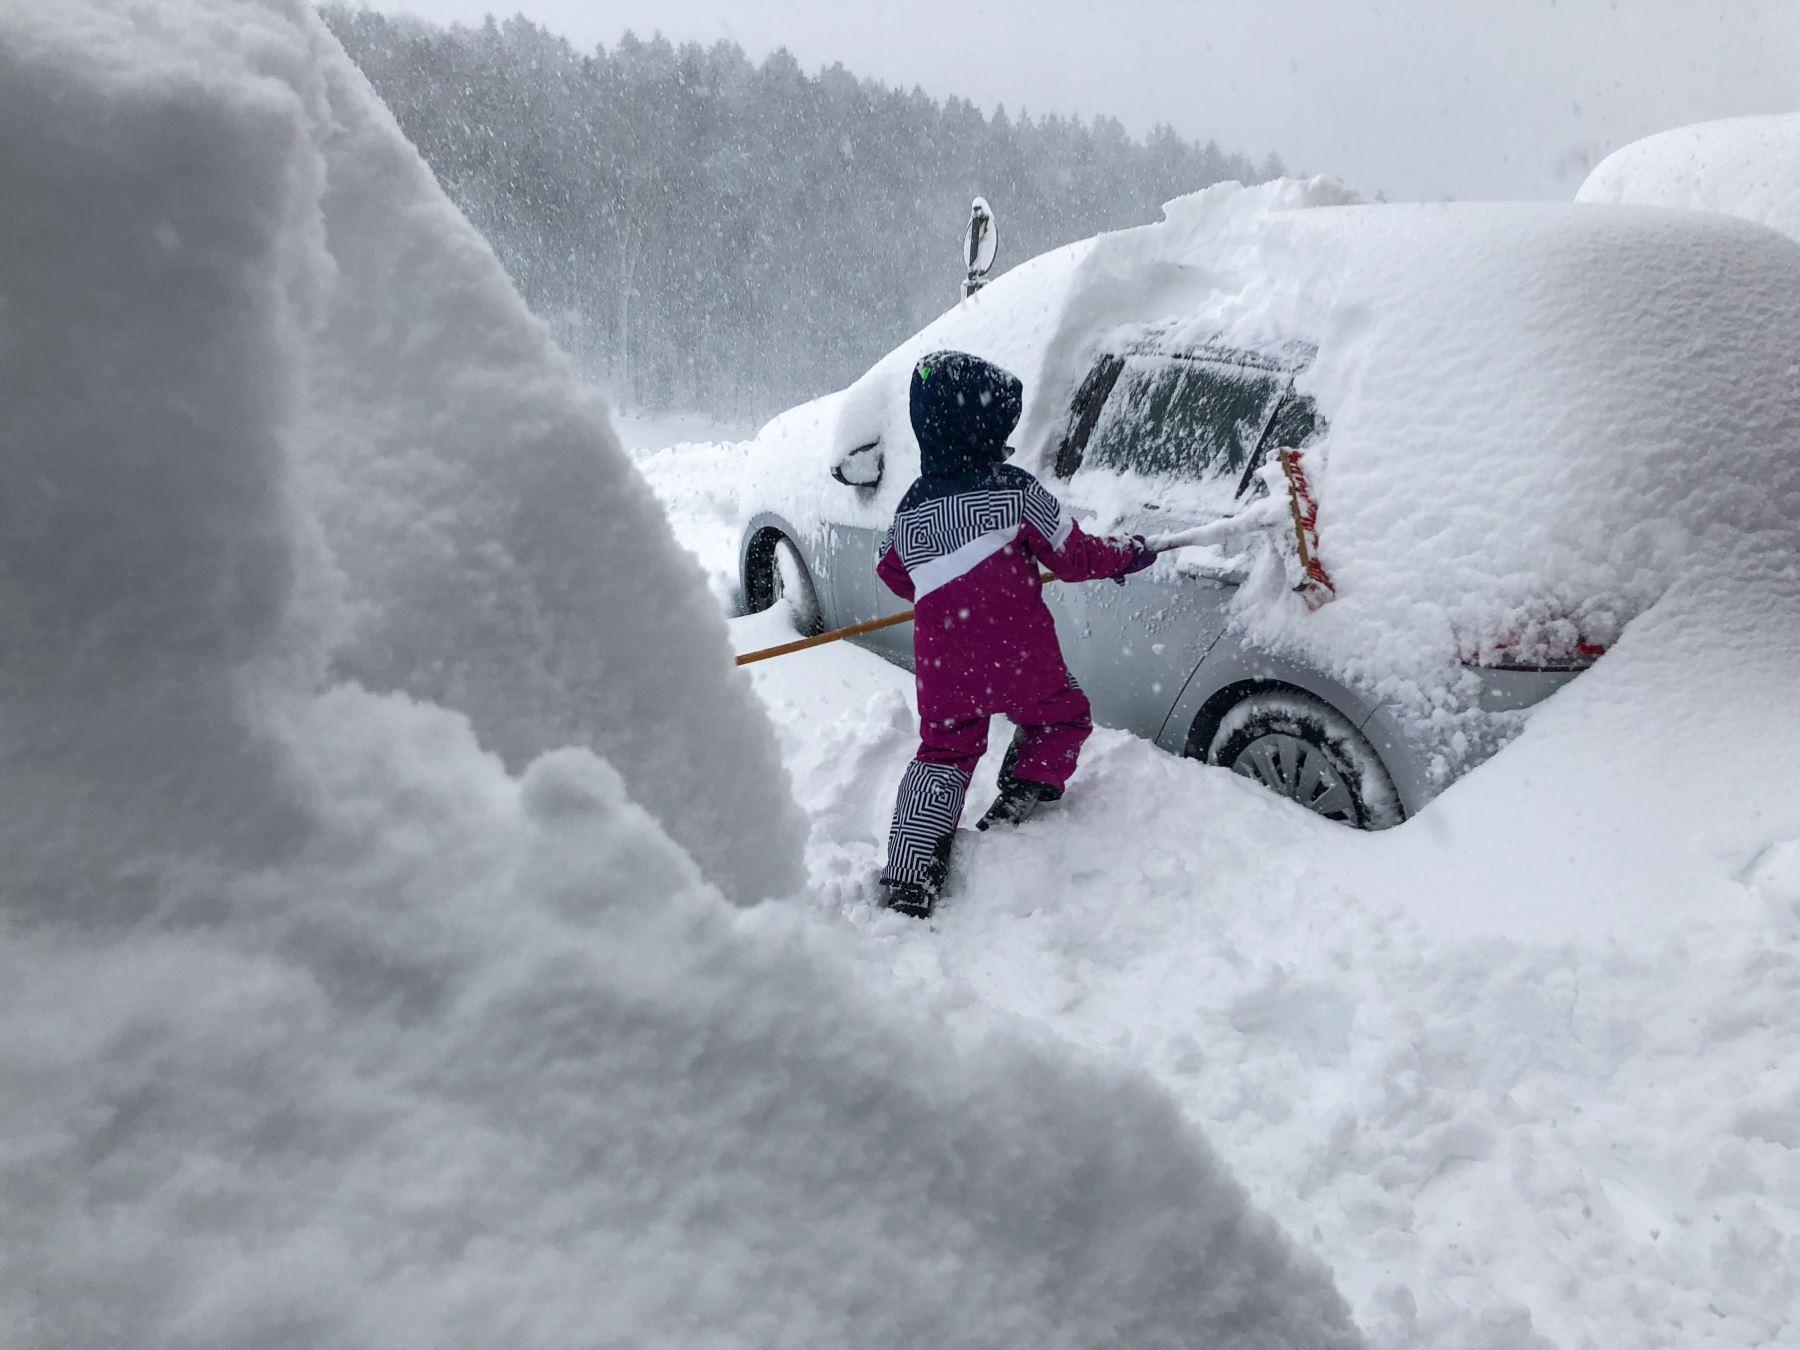 Un niño limpia una ventanilla de nieve de un automóvil en Salzburgo, Austria, mientras cae nueva nieve. AFP